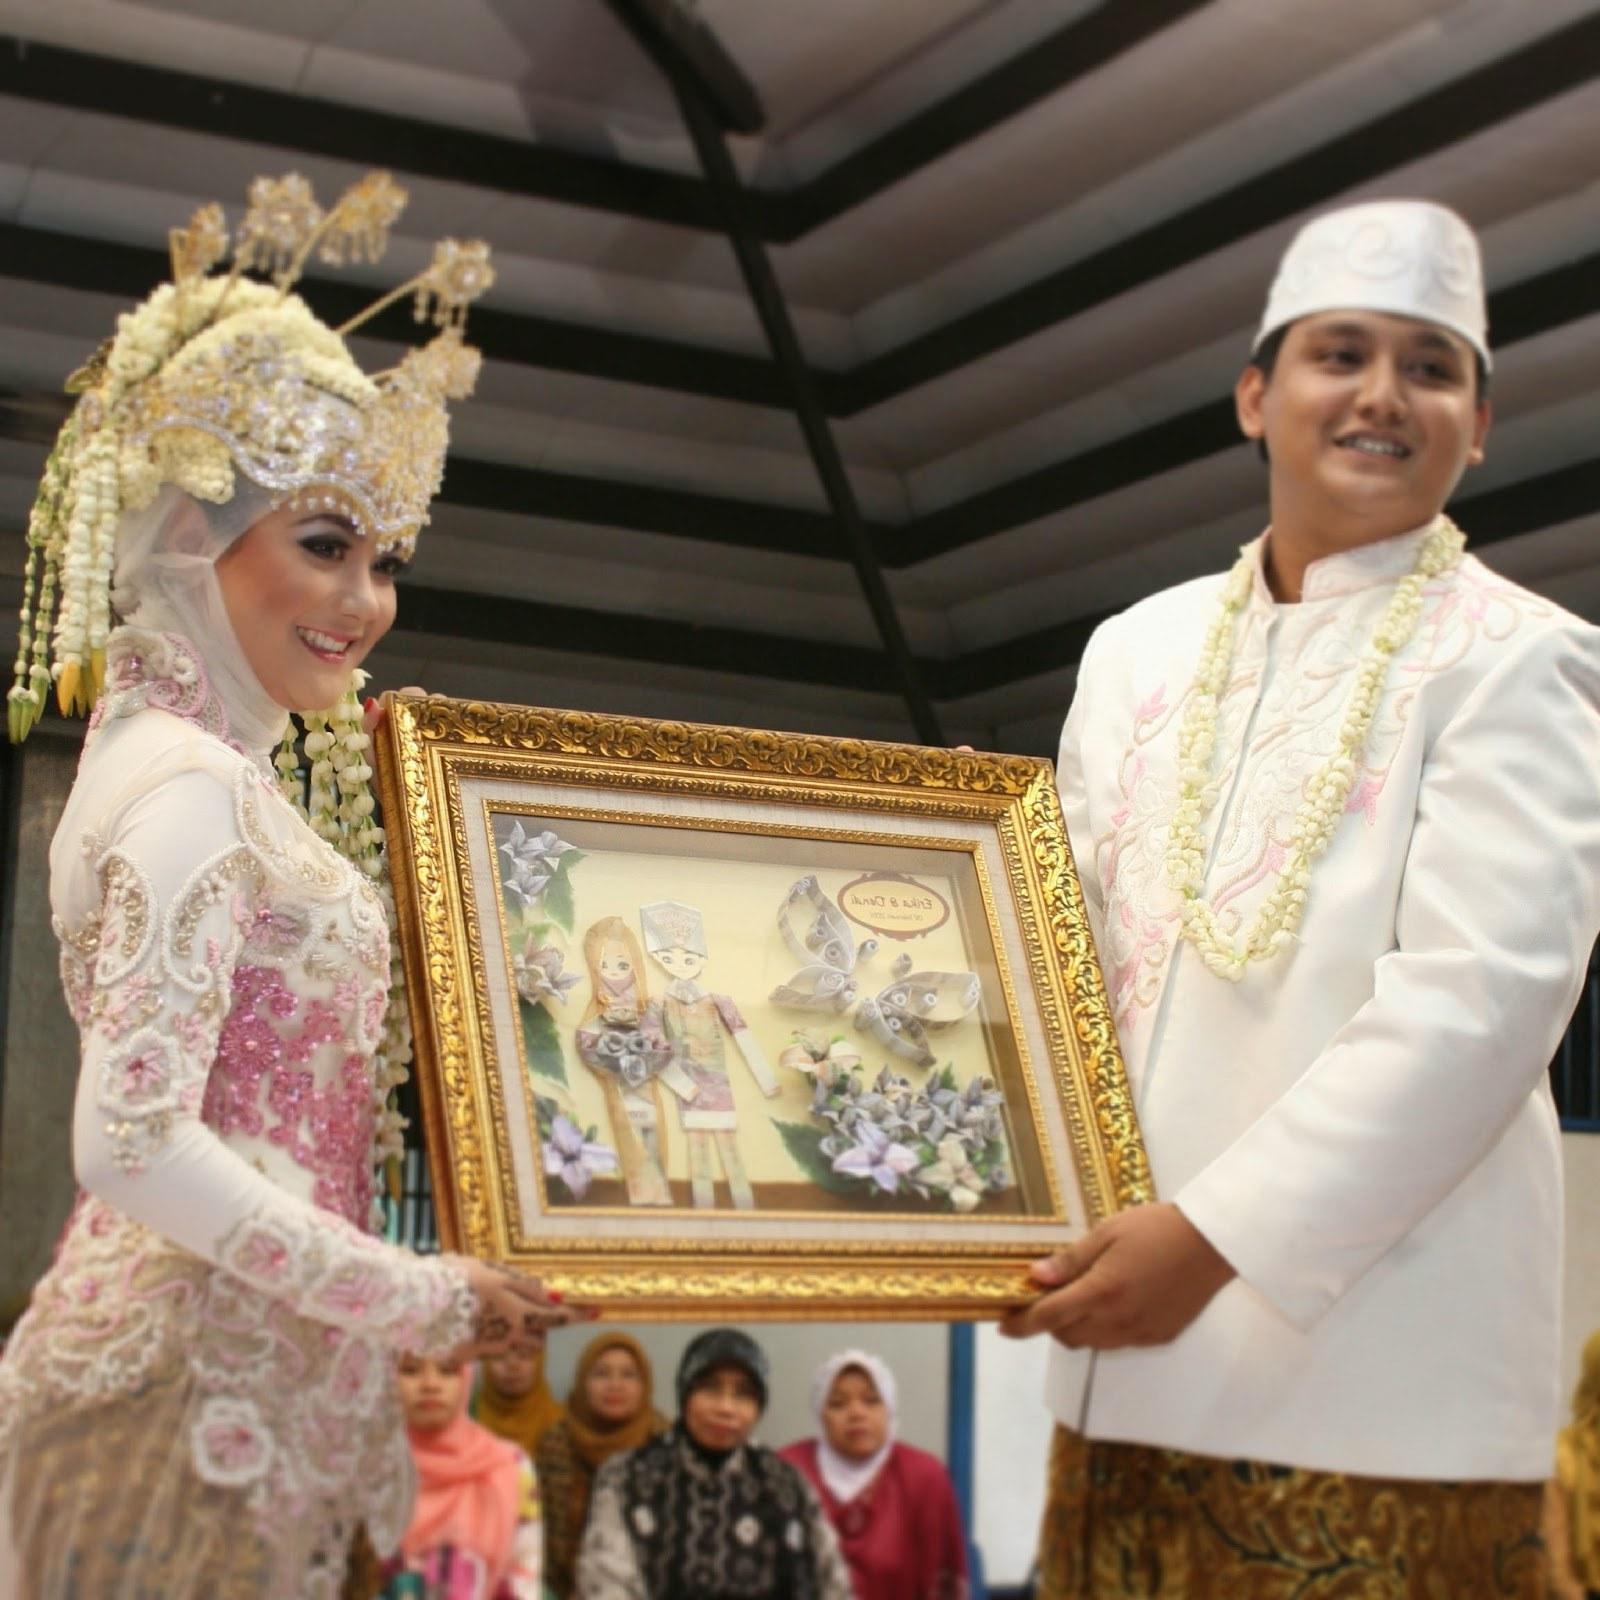 Ide Baju Pengantin Muslim Adat Sunda Rldj Cantik Ini Dia Pakaian Pengantin Adat Sunda Yang Elegan